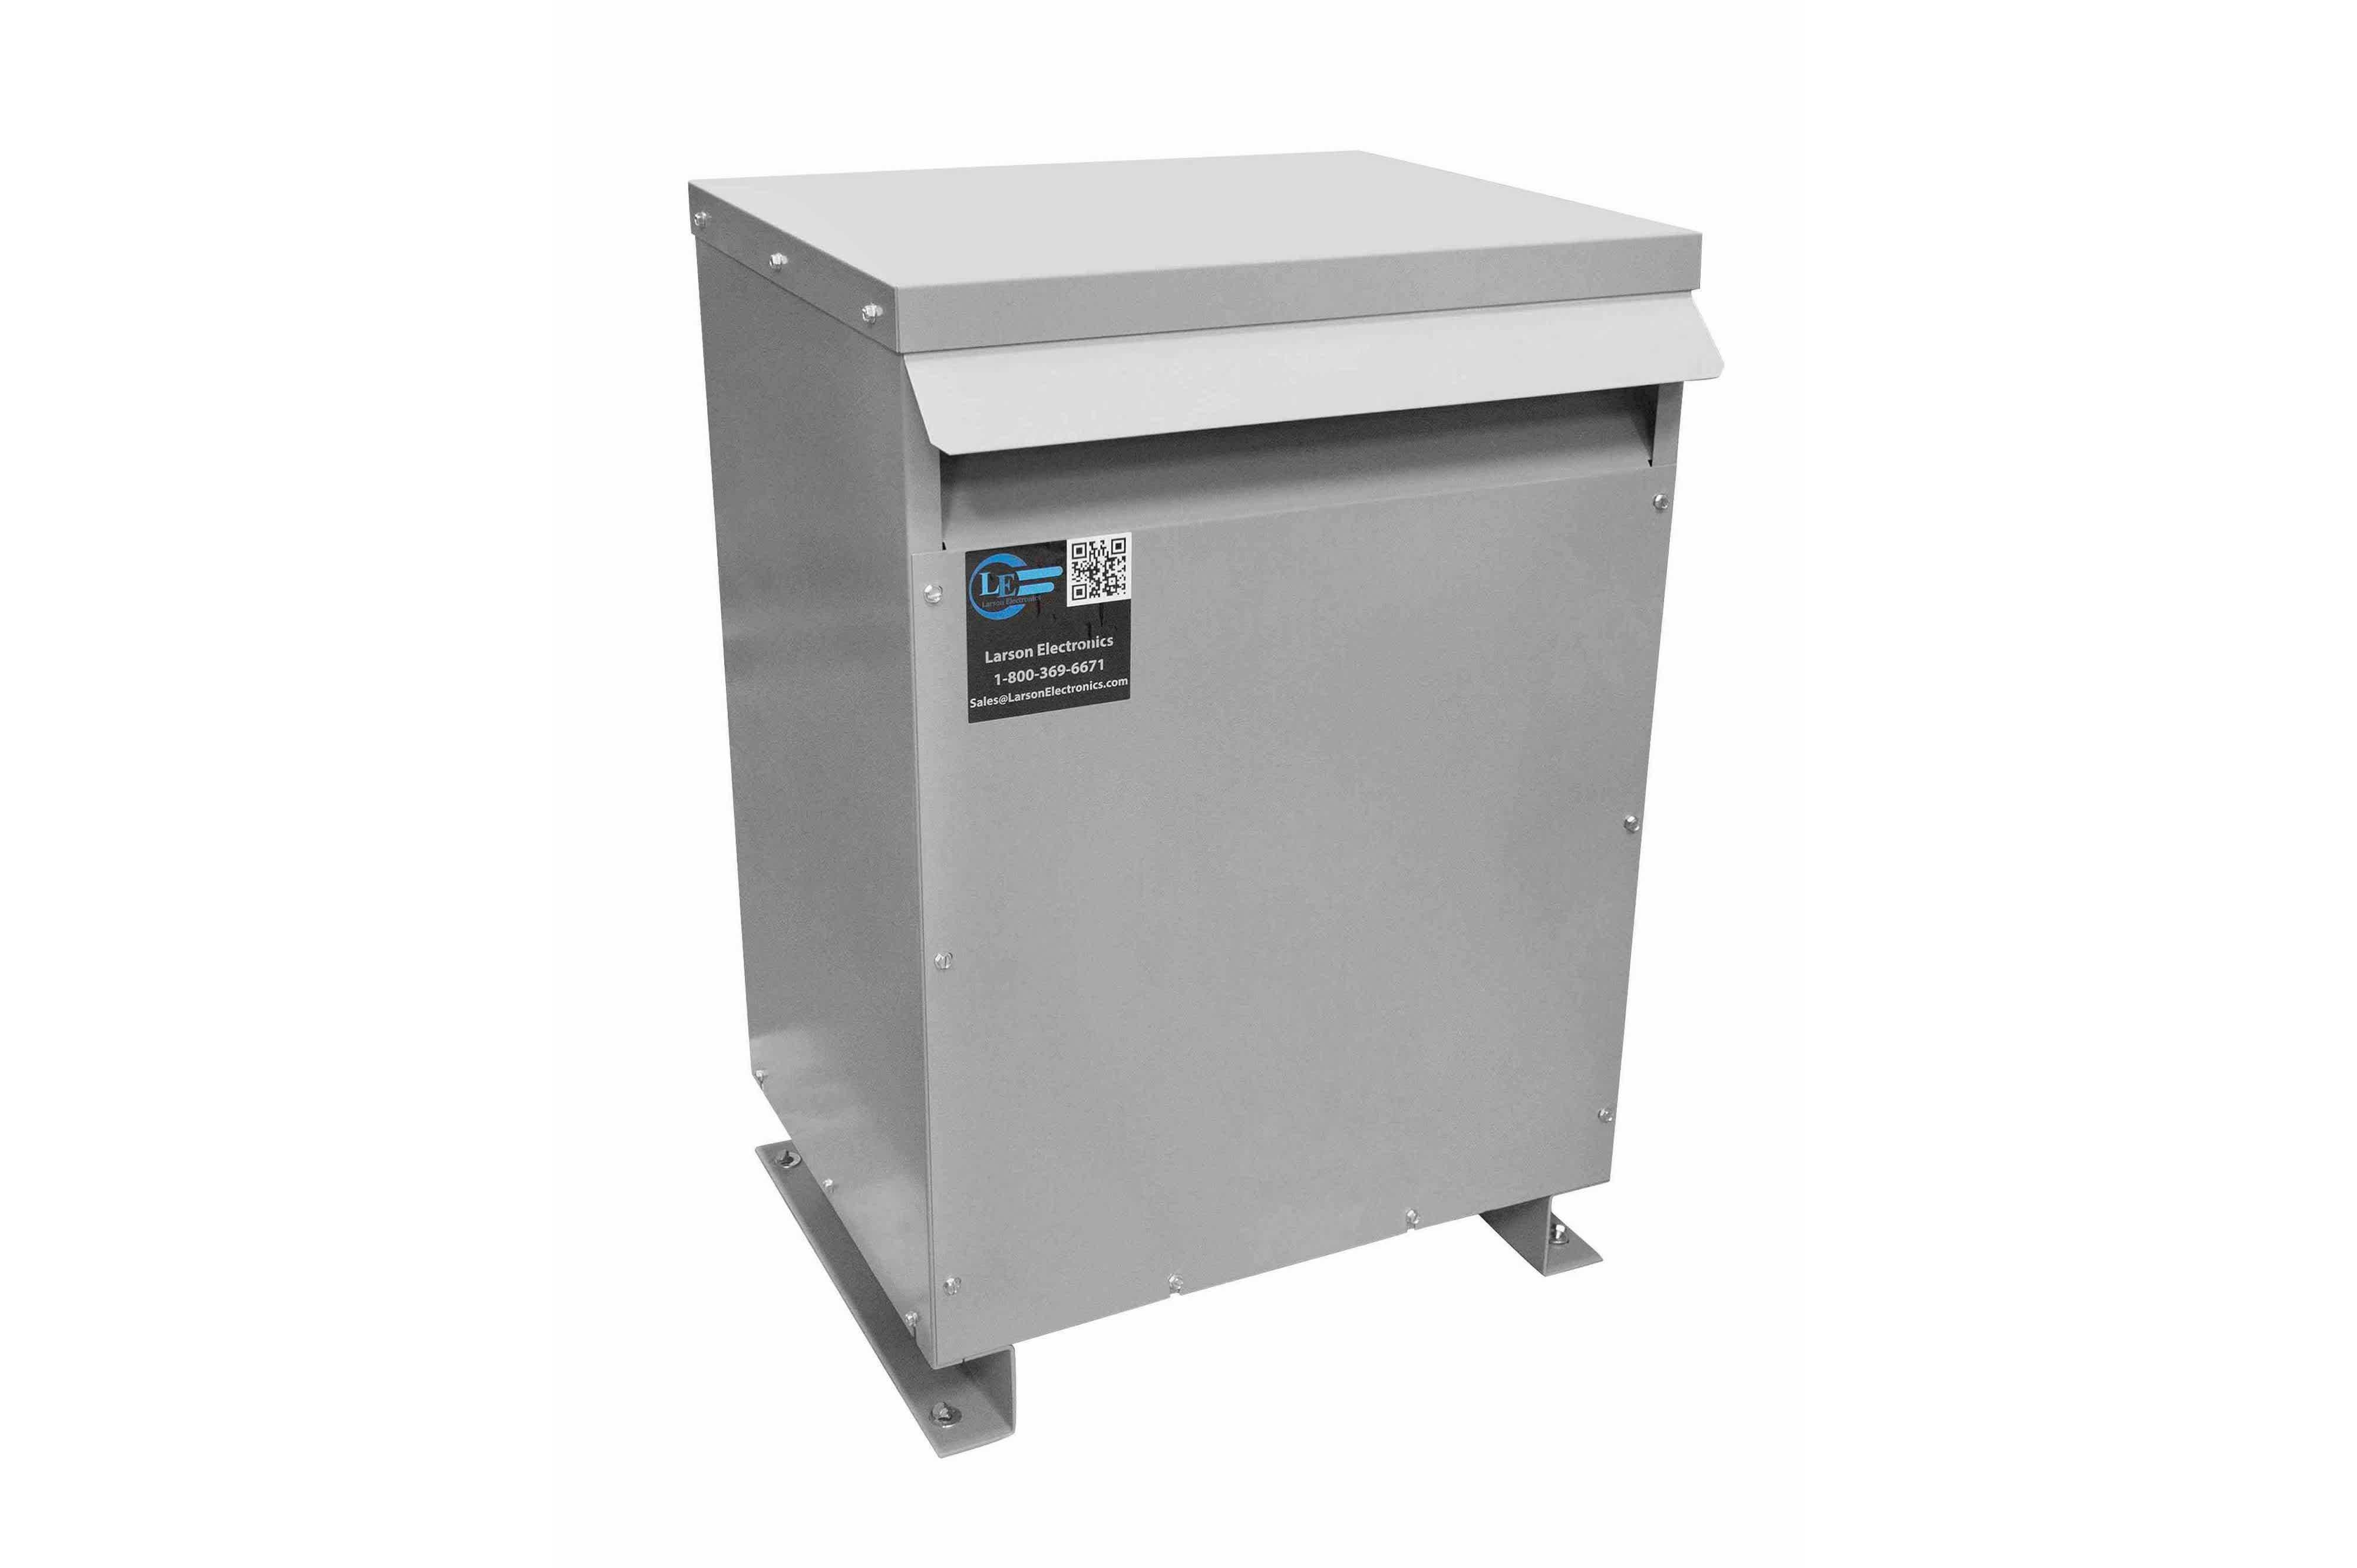 200 kVA 3PH DOE Transformer, 208V Delta Primary, 240V/120 Delta Secondary, N3R, Ventilated, 60 Hz